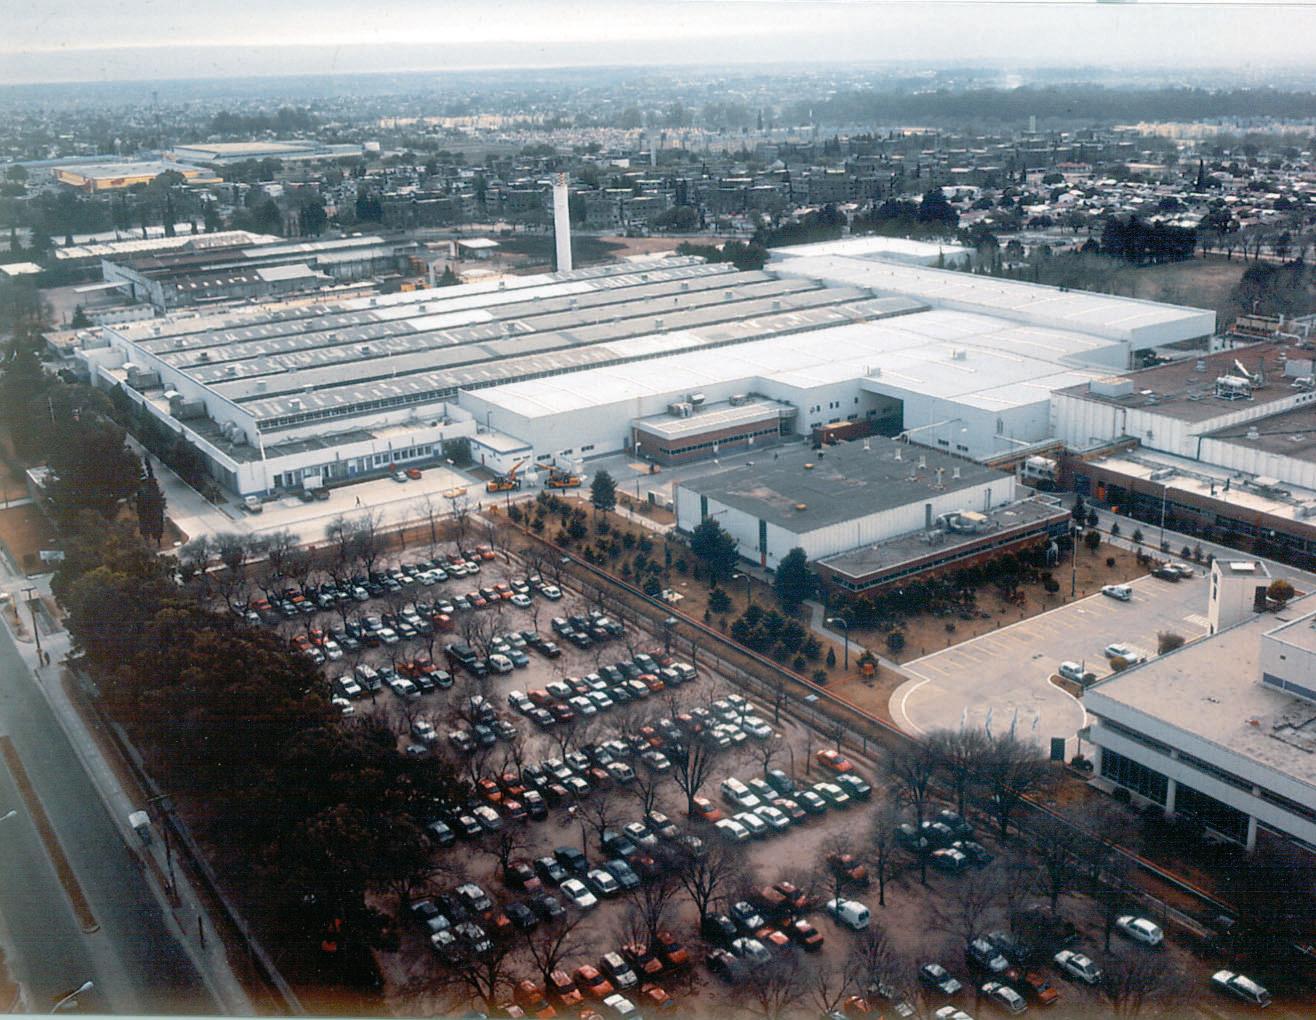 Luftansicht von Volkswagen Argentina, Standort Cordoba